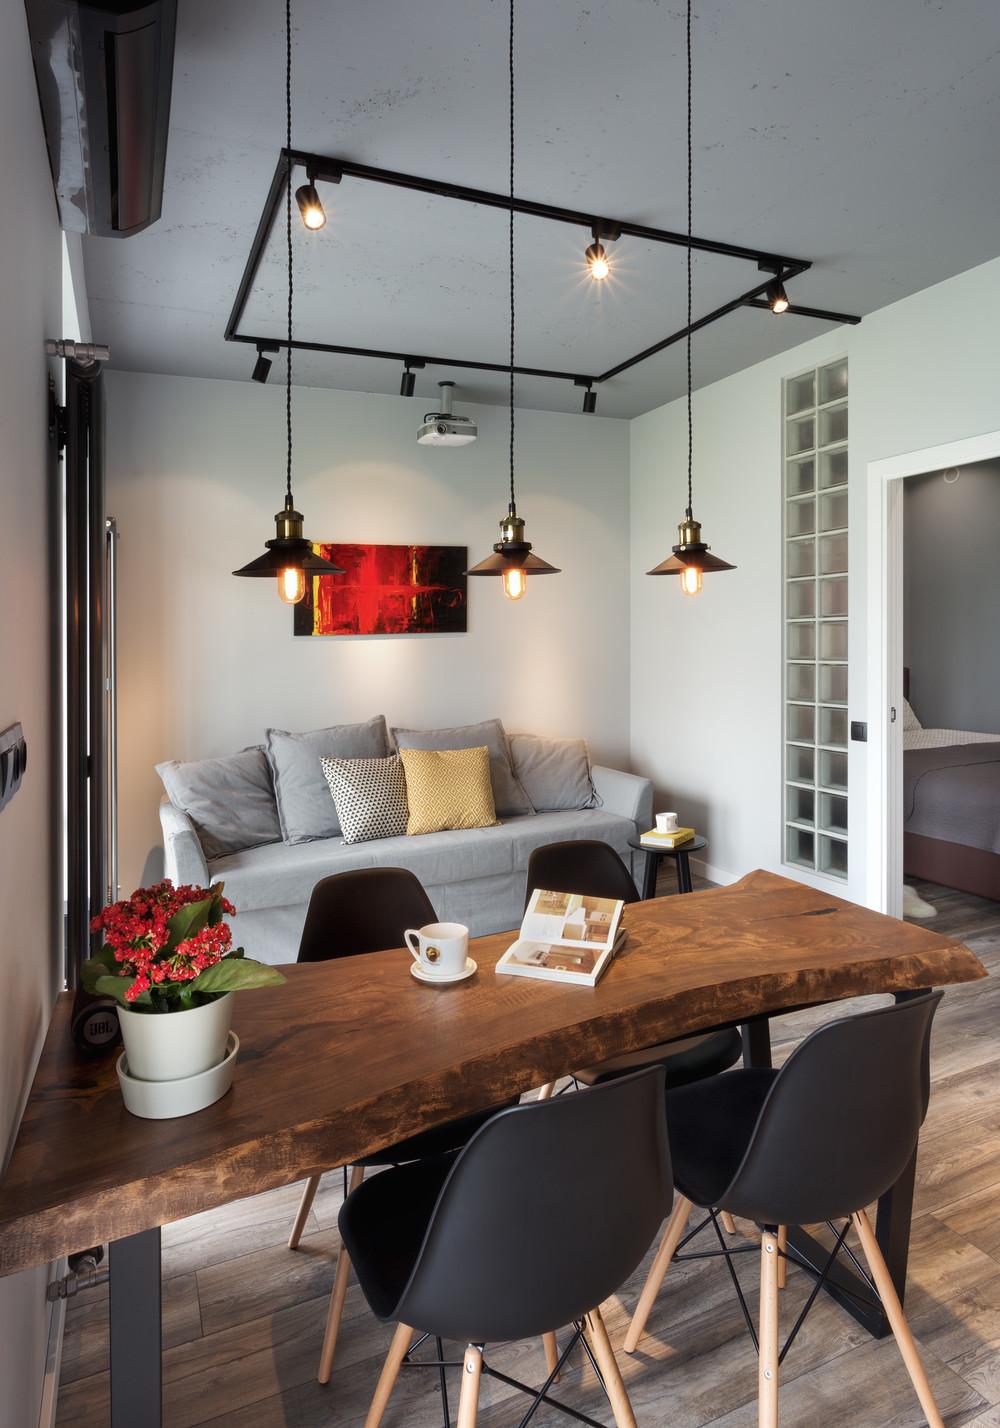 Квартира «Квартира для холостяка», гостиная, фото из проекта